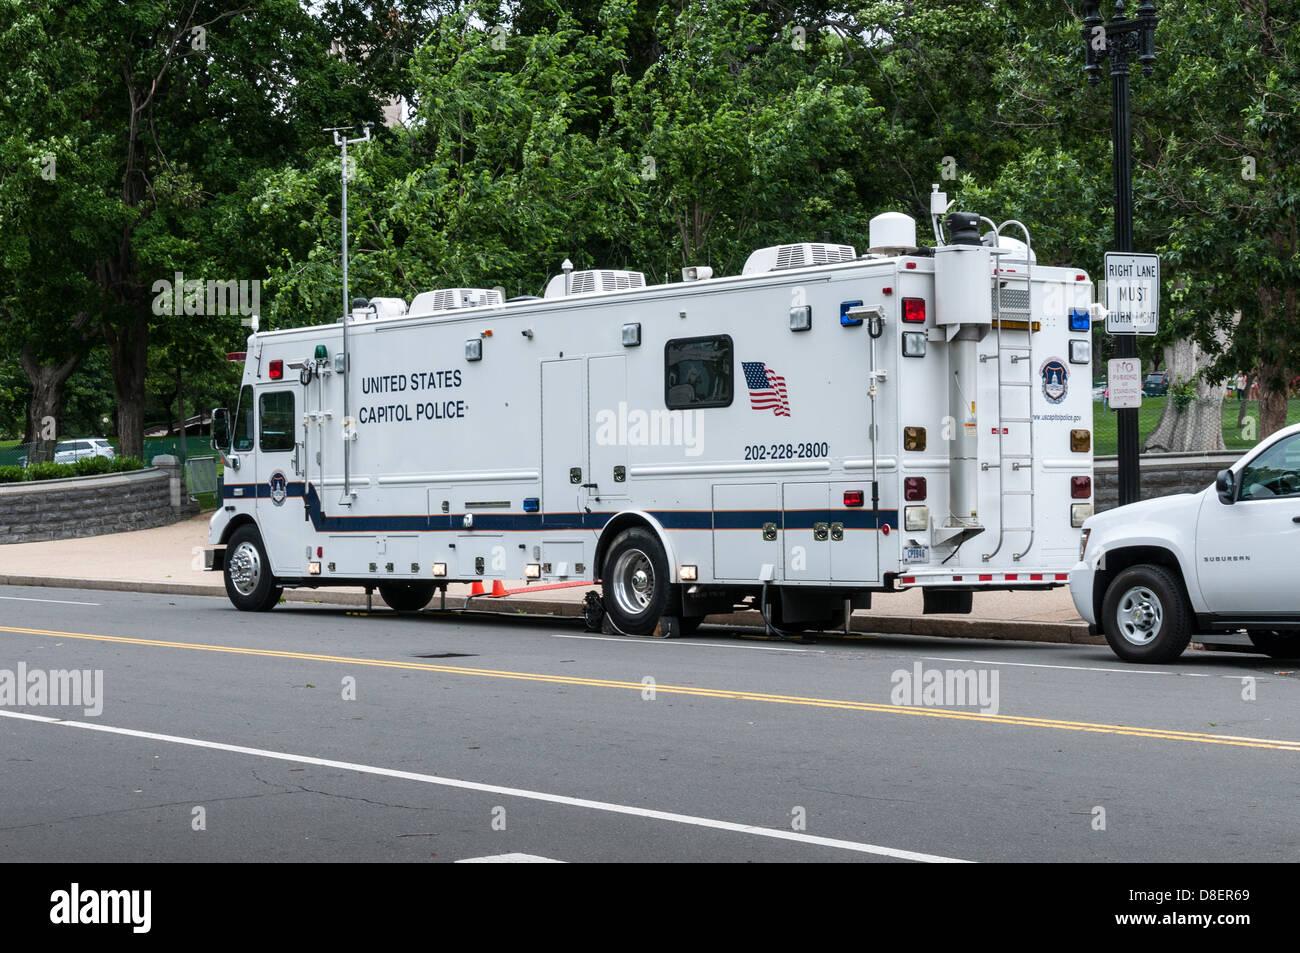 United States Capitol Police Command Vehicle Washington